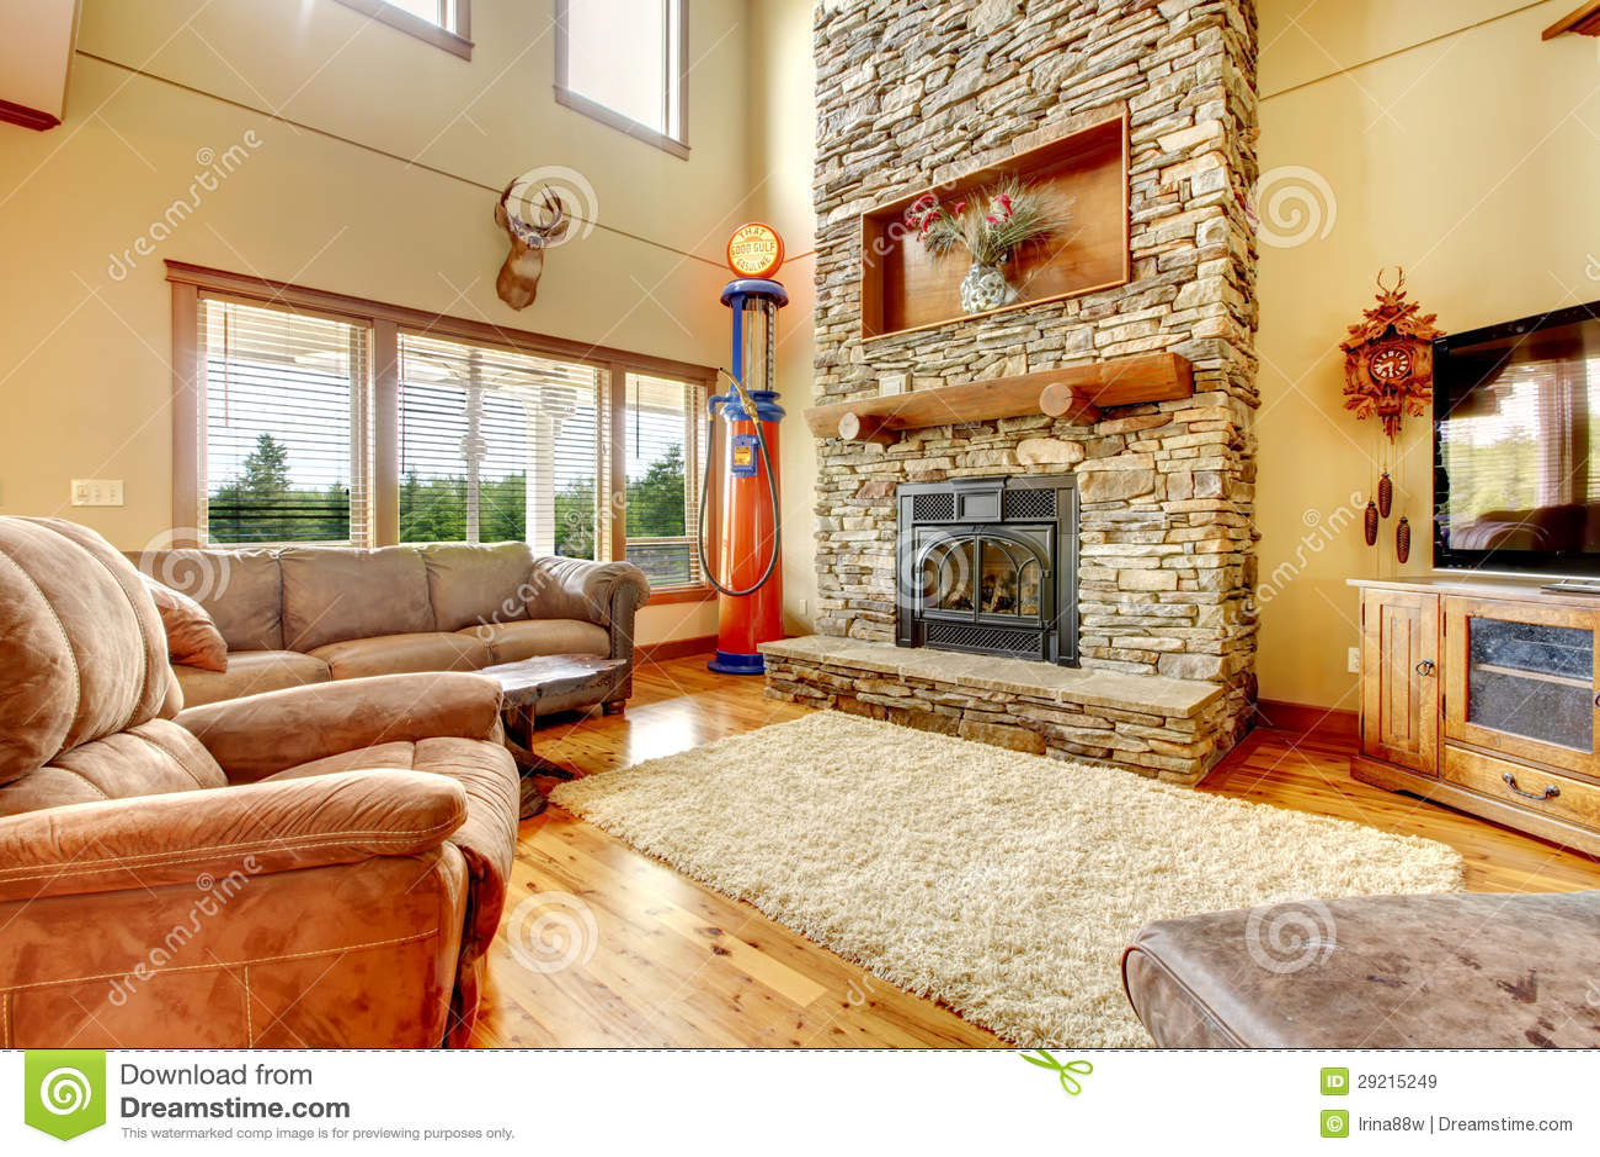 Woonkamer met hoog plafond, steenopen haard en leerbank. royalty ...